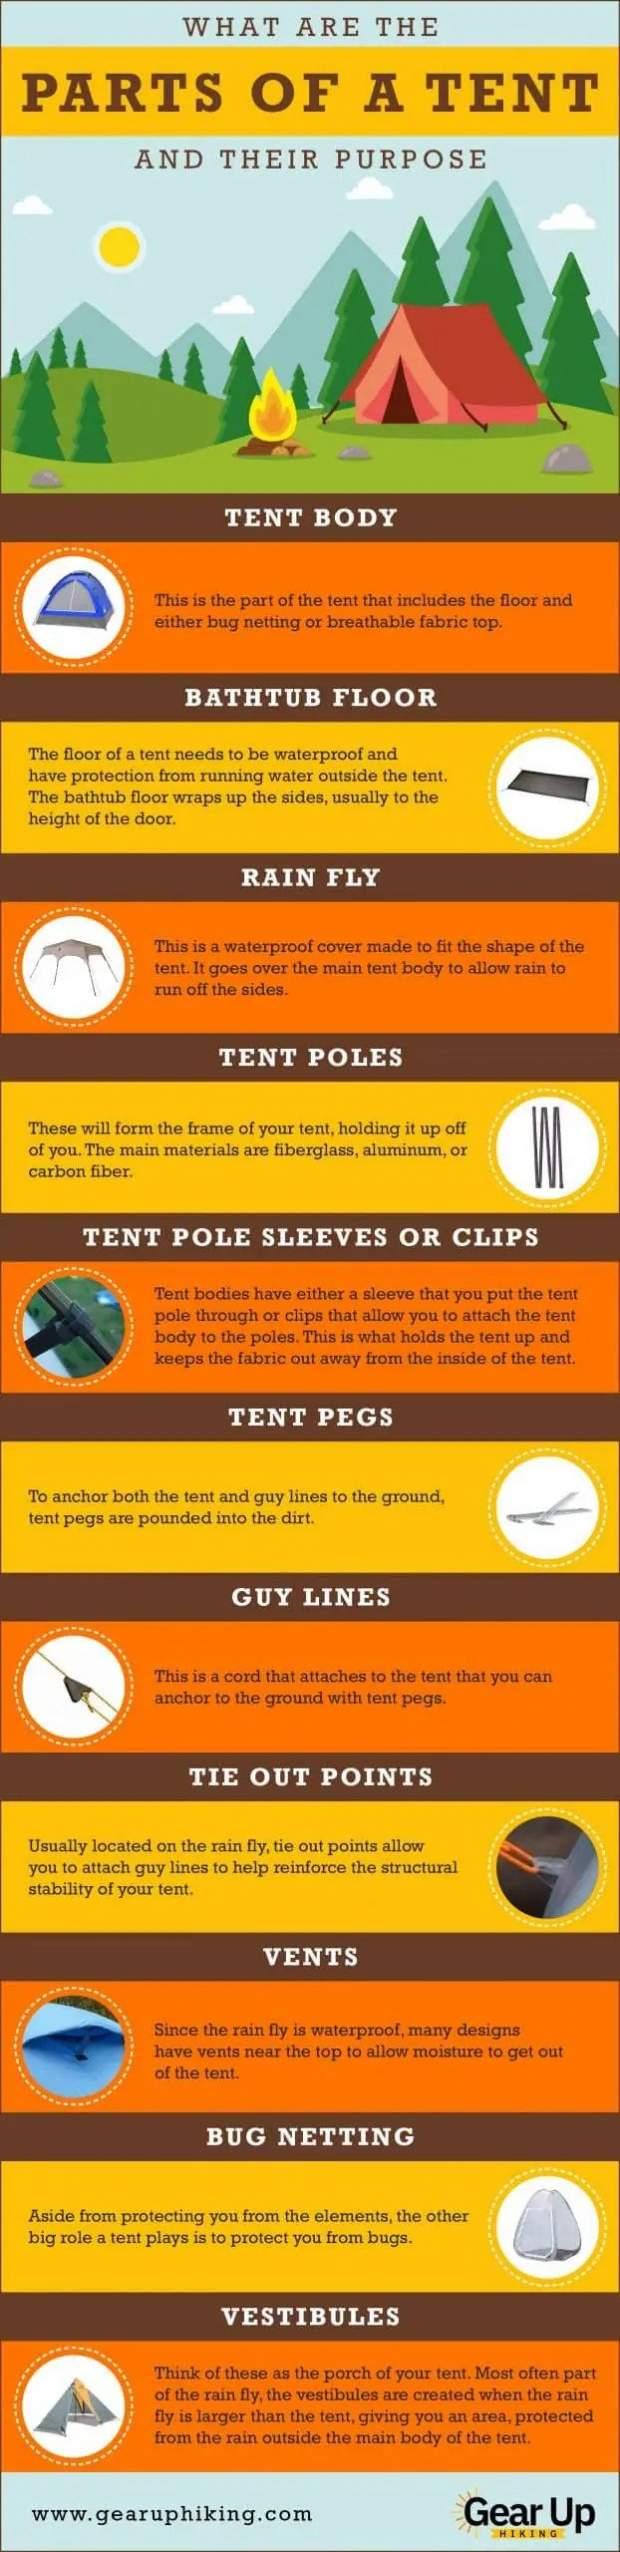 Parts of a tent